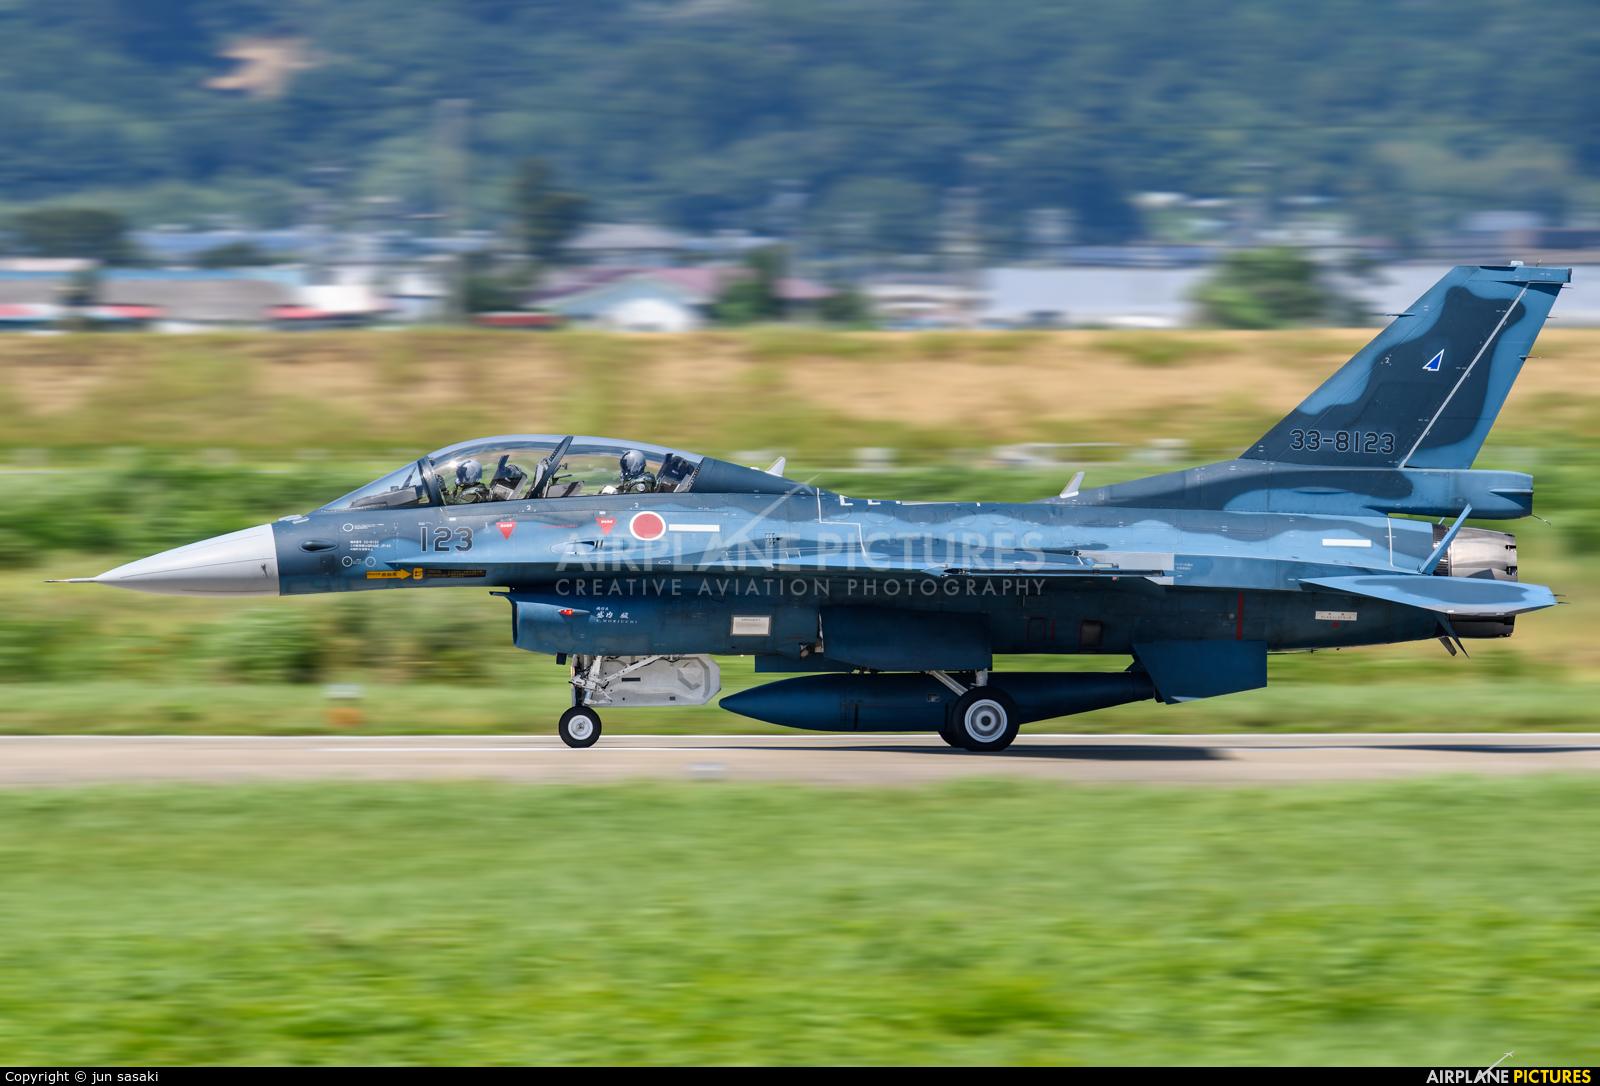 Japan - Air Self Defence Force 33-8123 aircraft at Matsushima AB